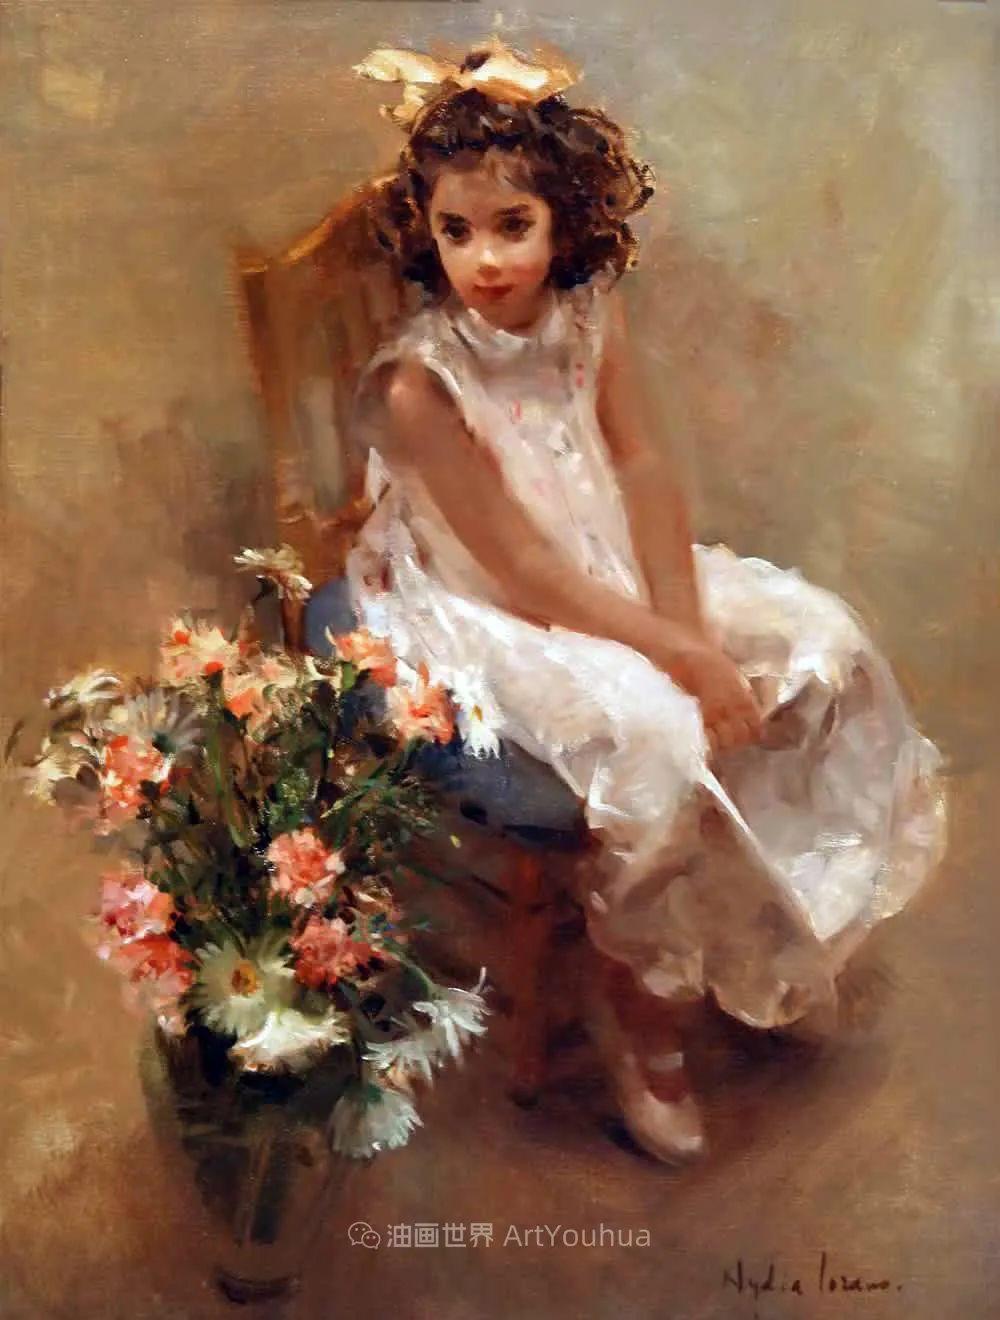 她笔下美丽的女人,像花一样尽情的绽放!插图43